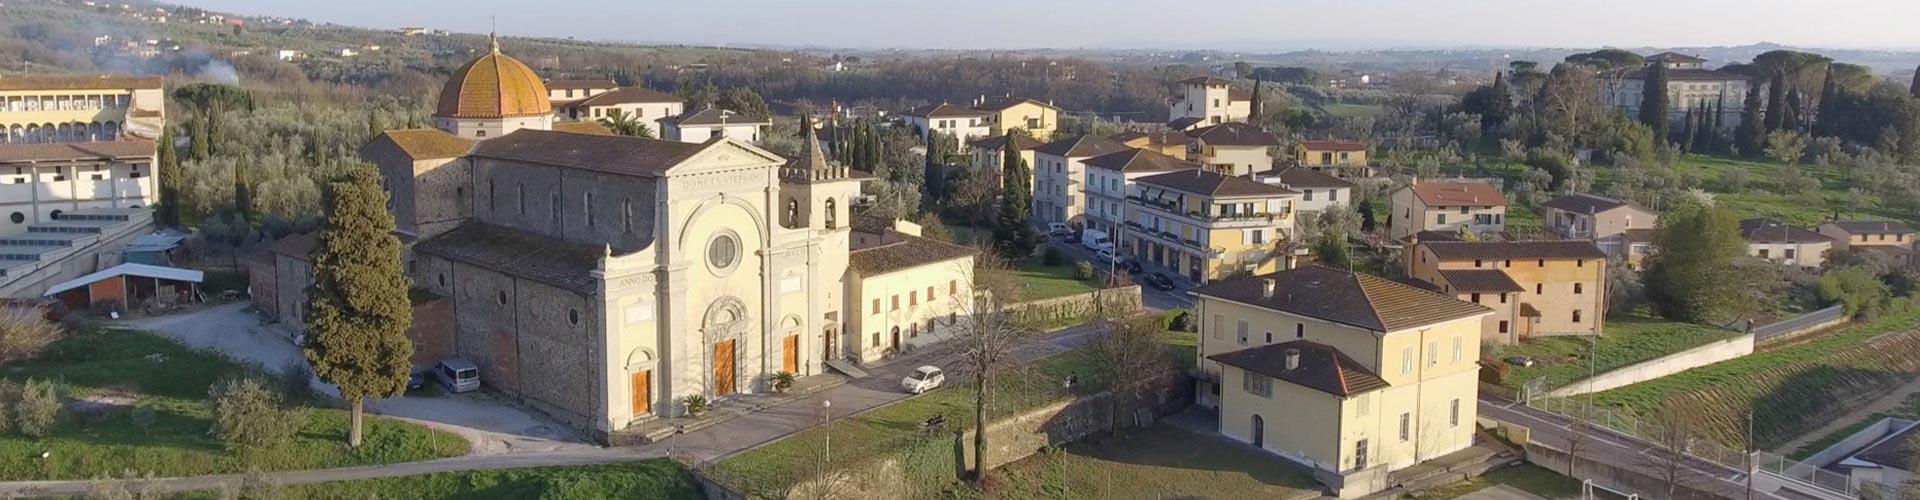 Chiesa di Santo Stefano lamporecchio rinascimento